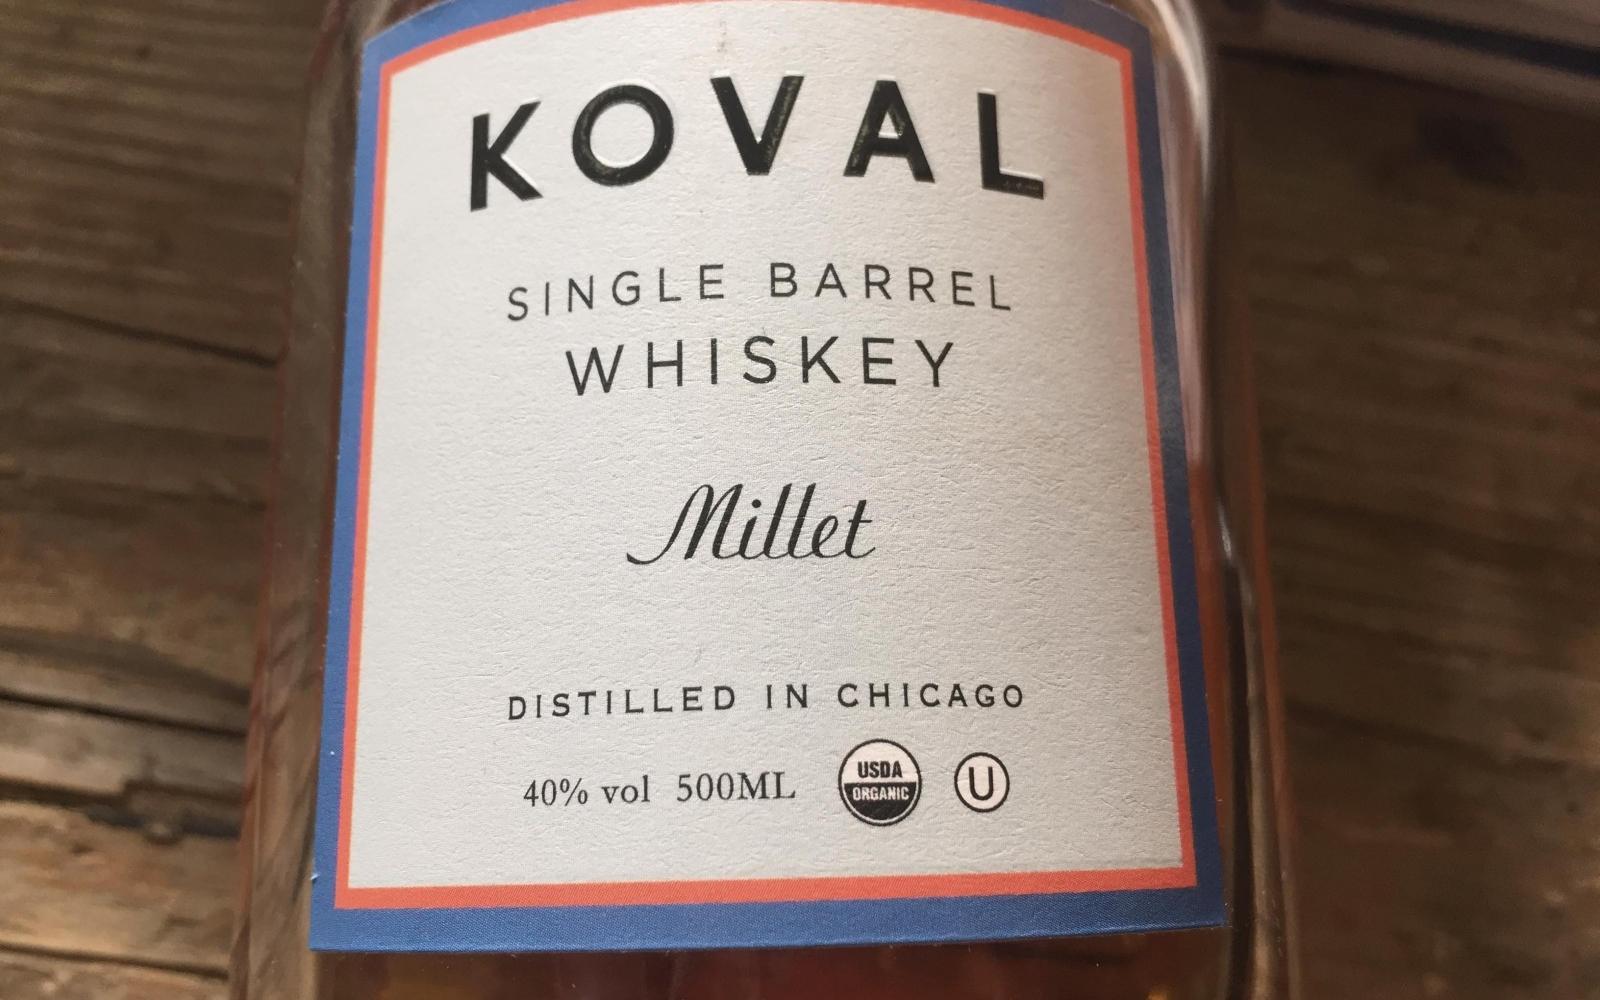 Koval Single Barrel Whiskey with USDA organic (Kosher) symbol.